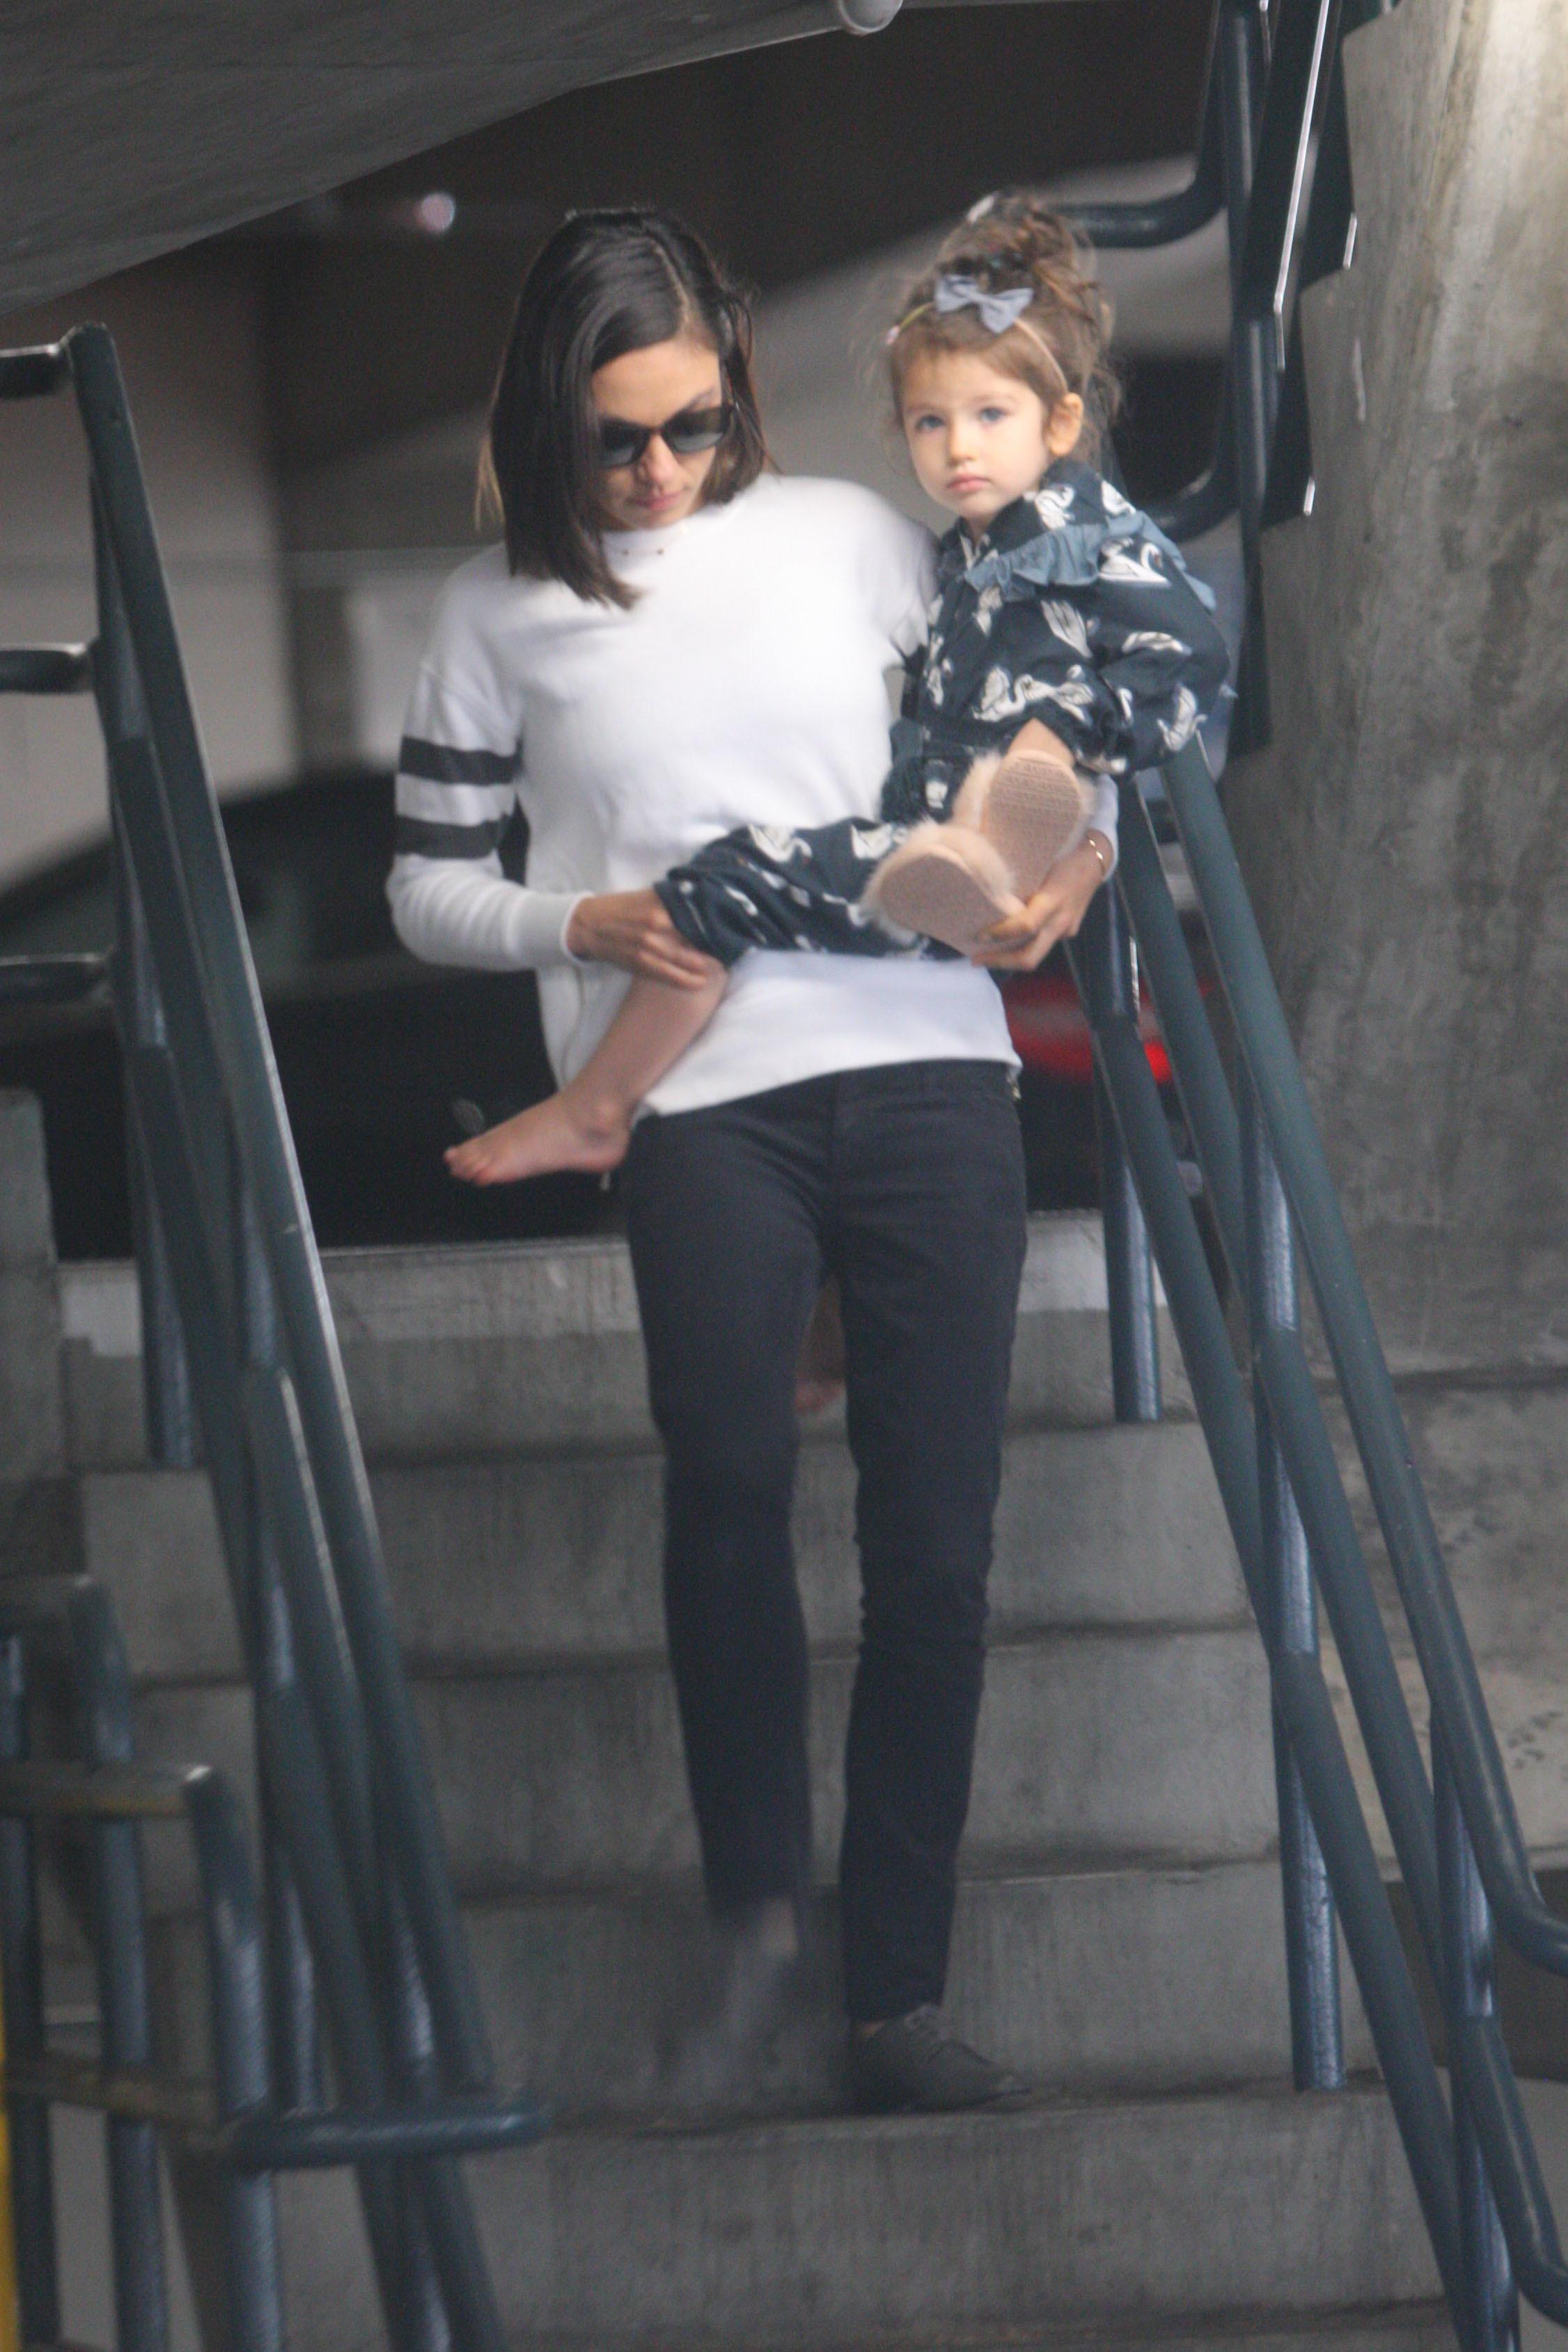 Mila Kunis carries her daughter, Wyatt Kutcher, in Los Angeles on Jan. 13, 2018.